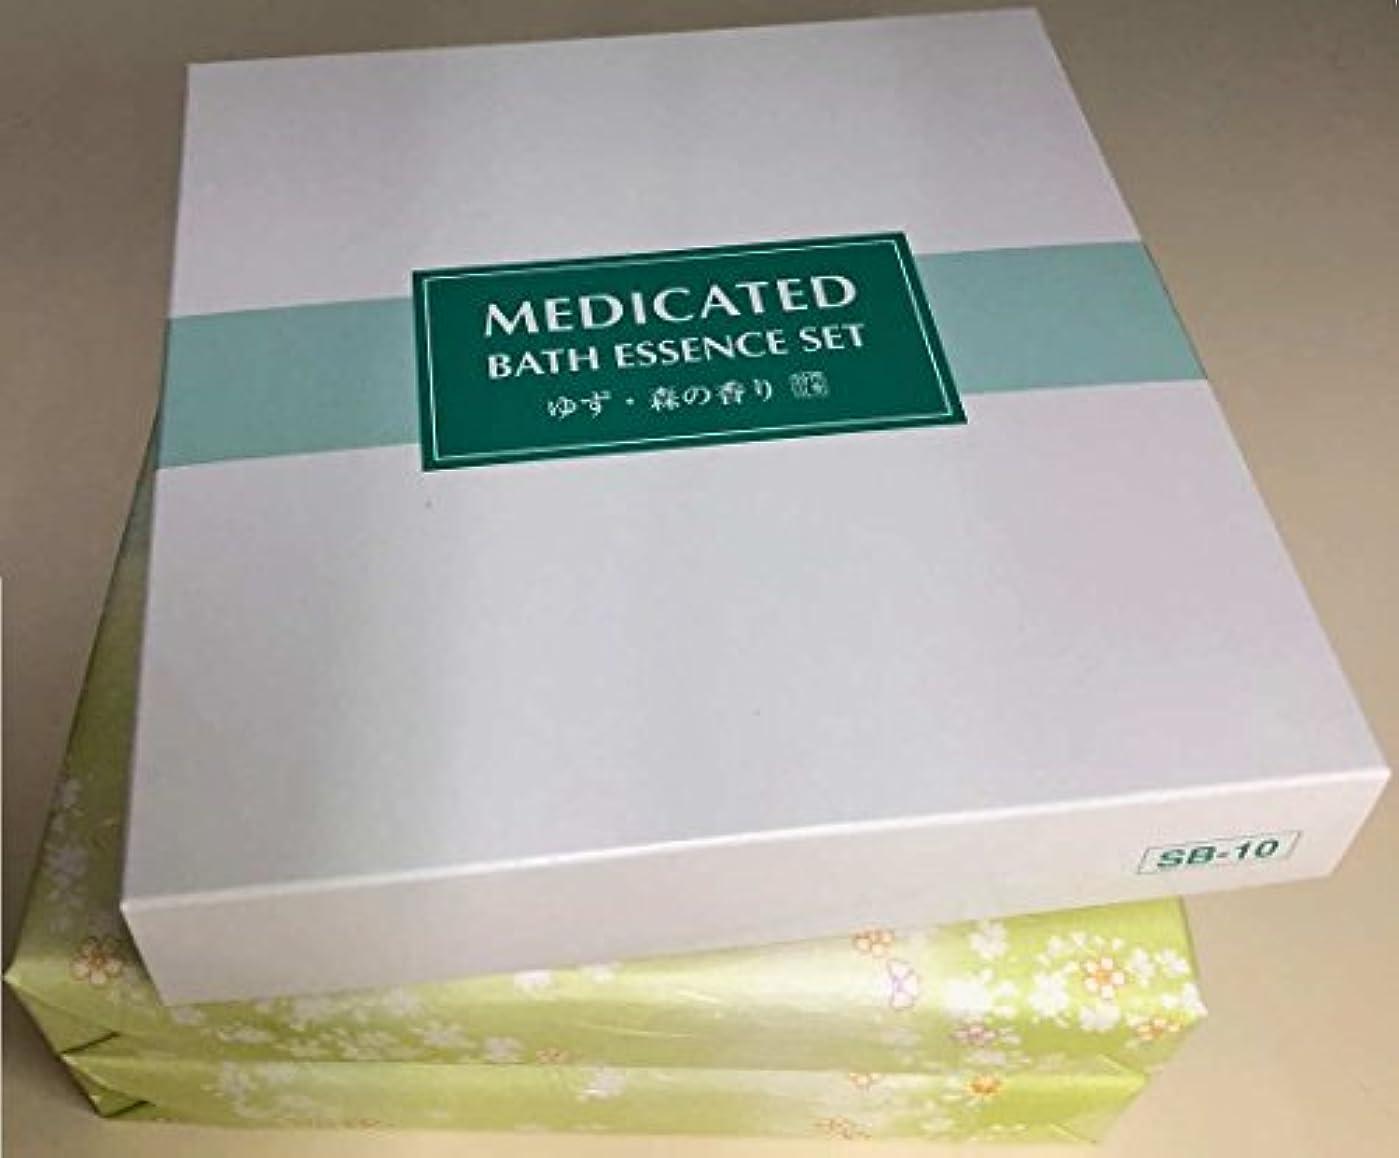 筋肉のとんでもないばか四季折々 薬用入浴剤セット 3個セット 個別包装済み